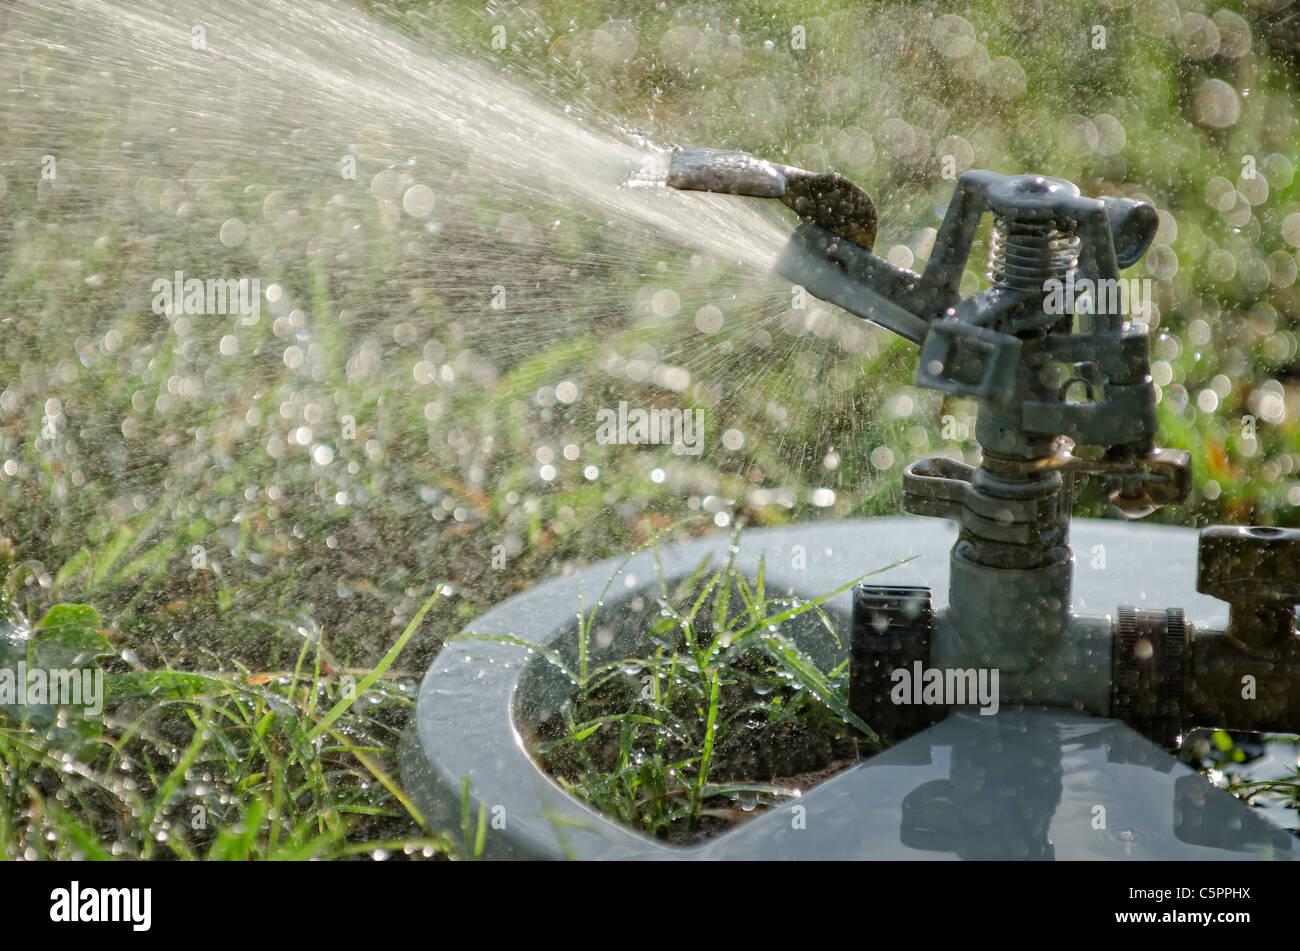 Lawn Sprinkler - Stock Image